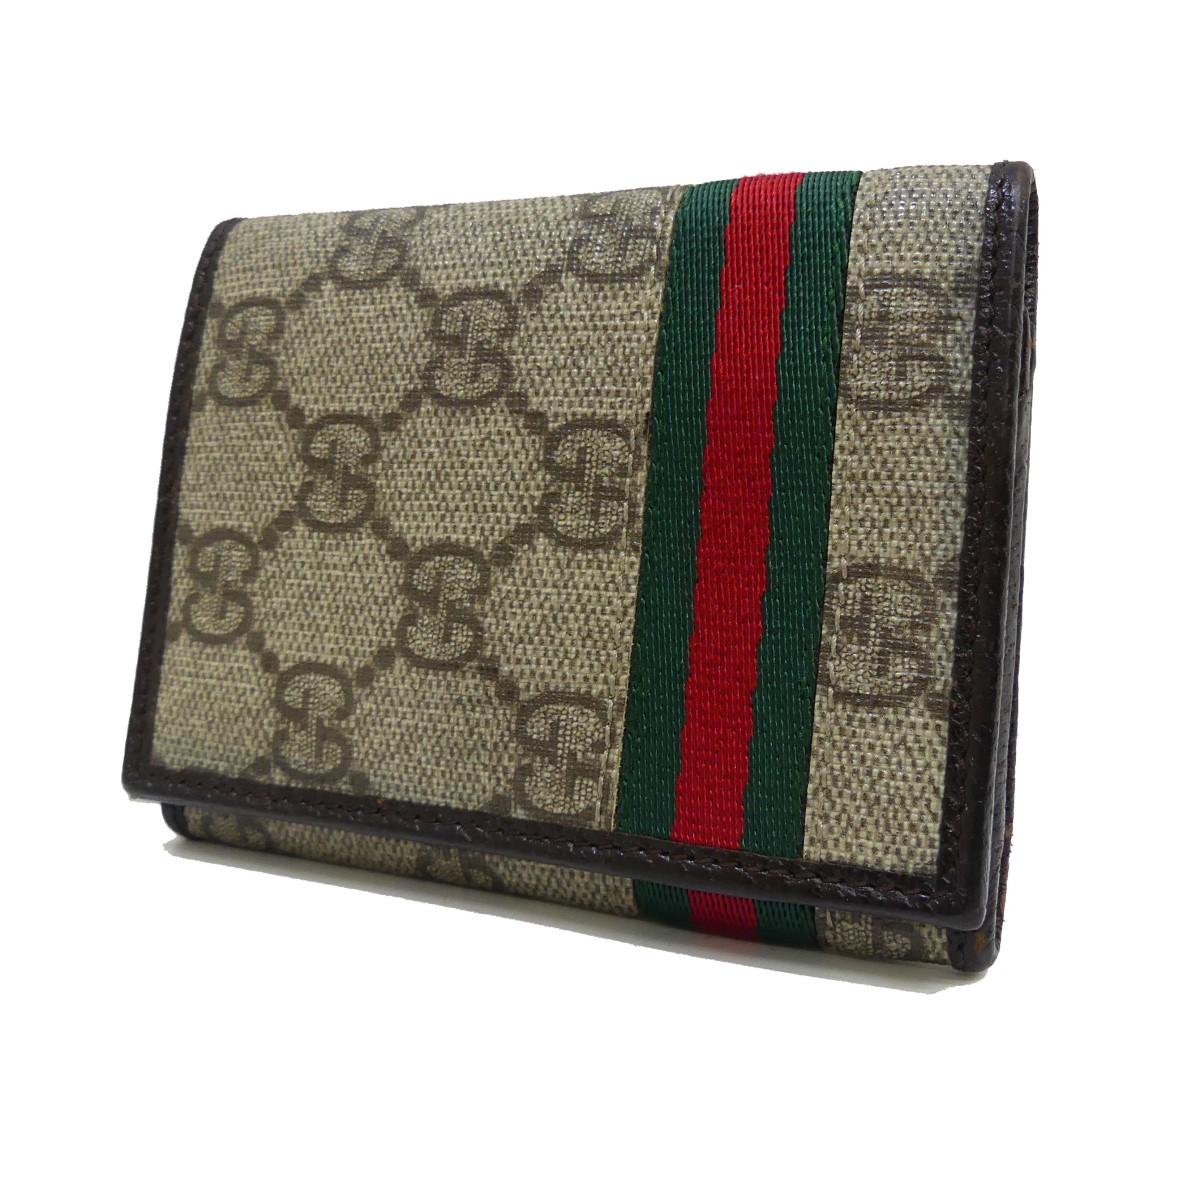 グッチ 中古 GUCCI GGキャンバス ベージュ カードケース ファッション通販 160221 予約販売品 ウェブライン